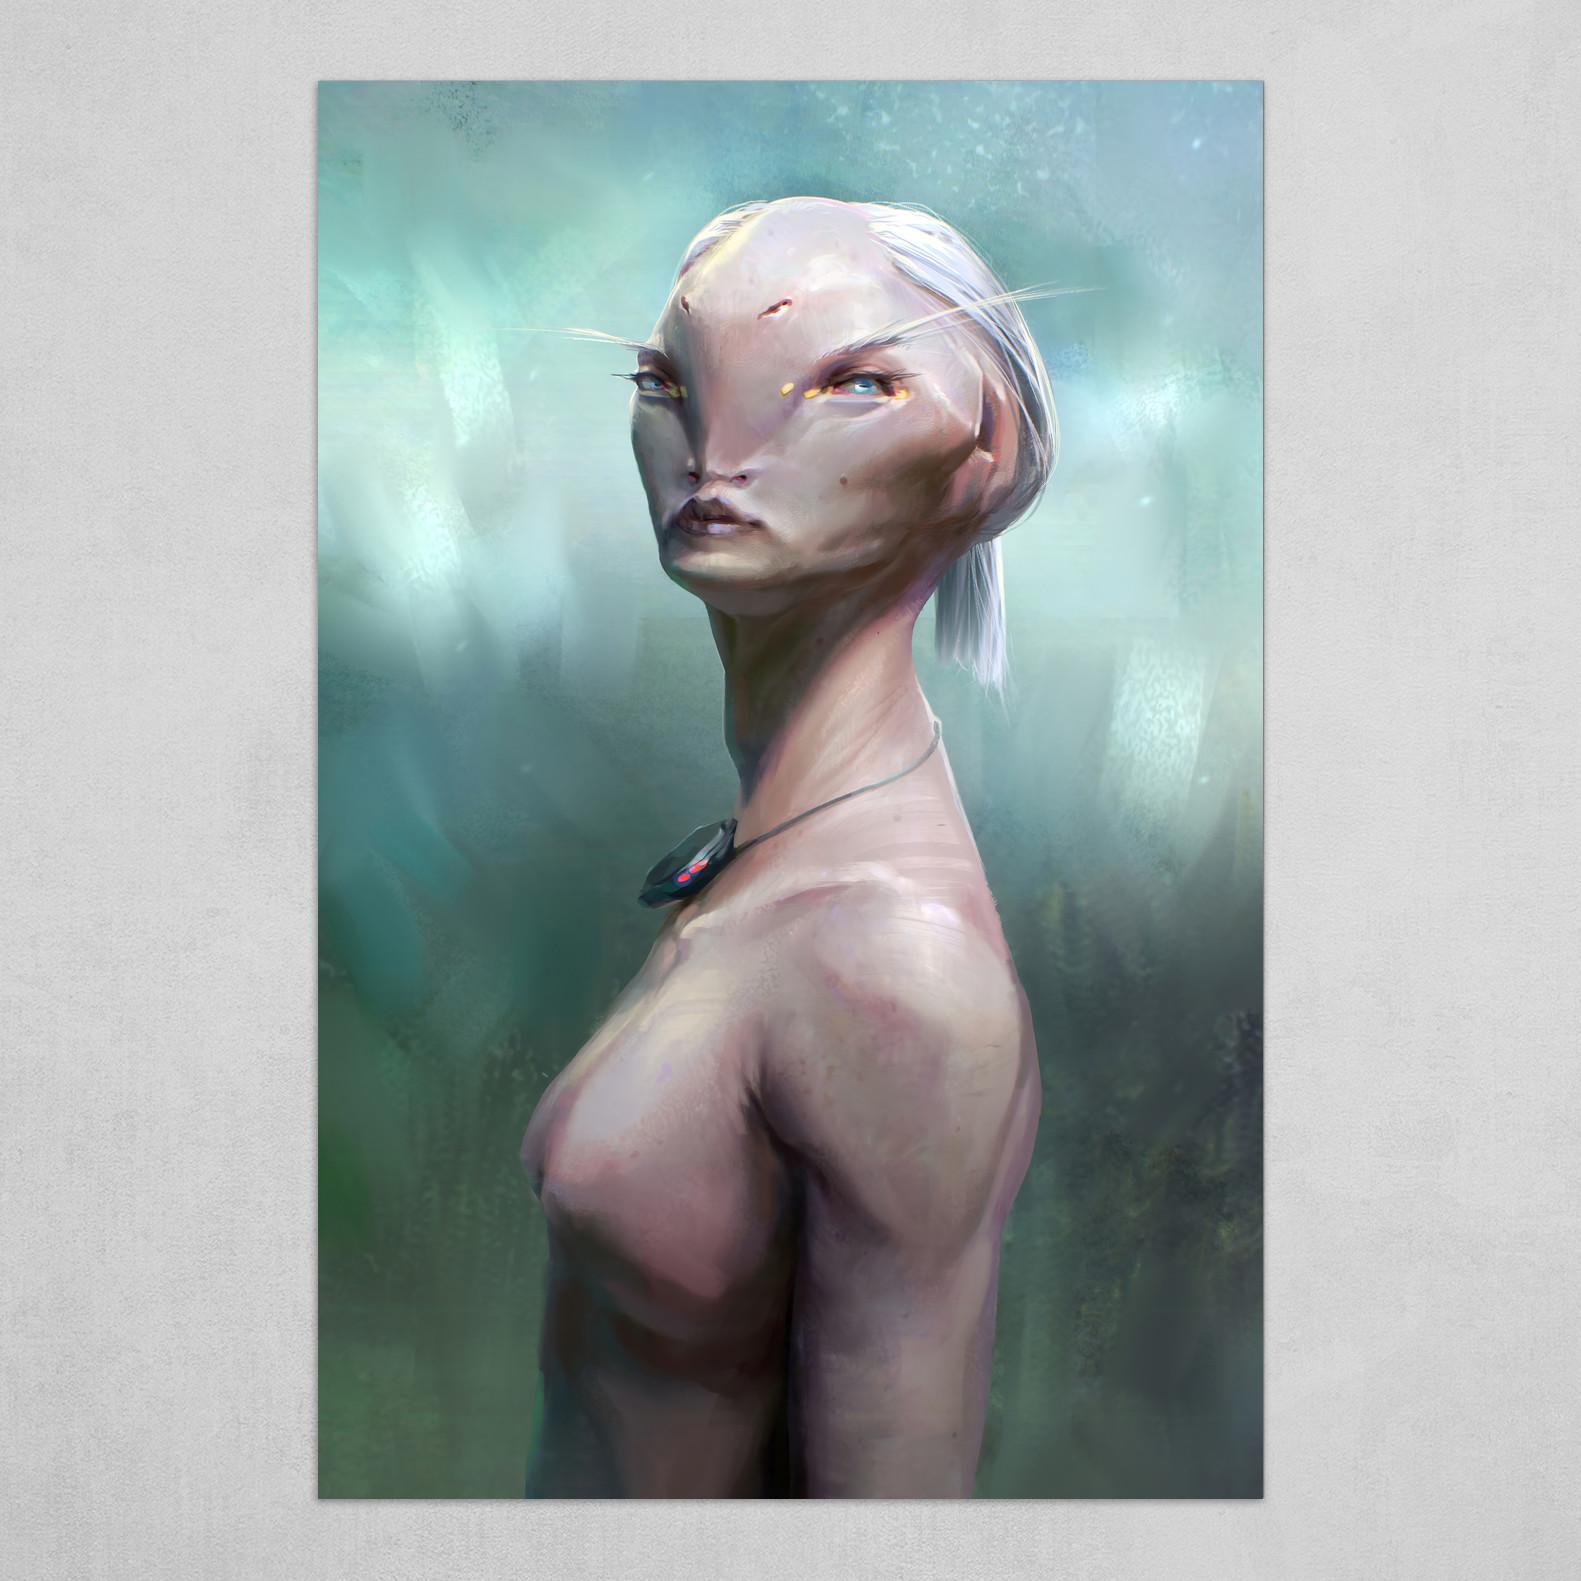 Pink transhuman